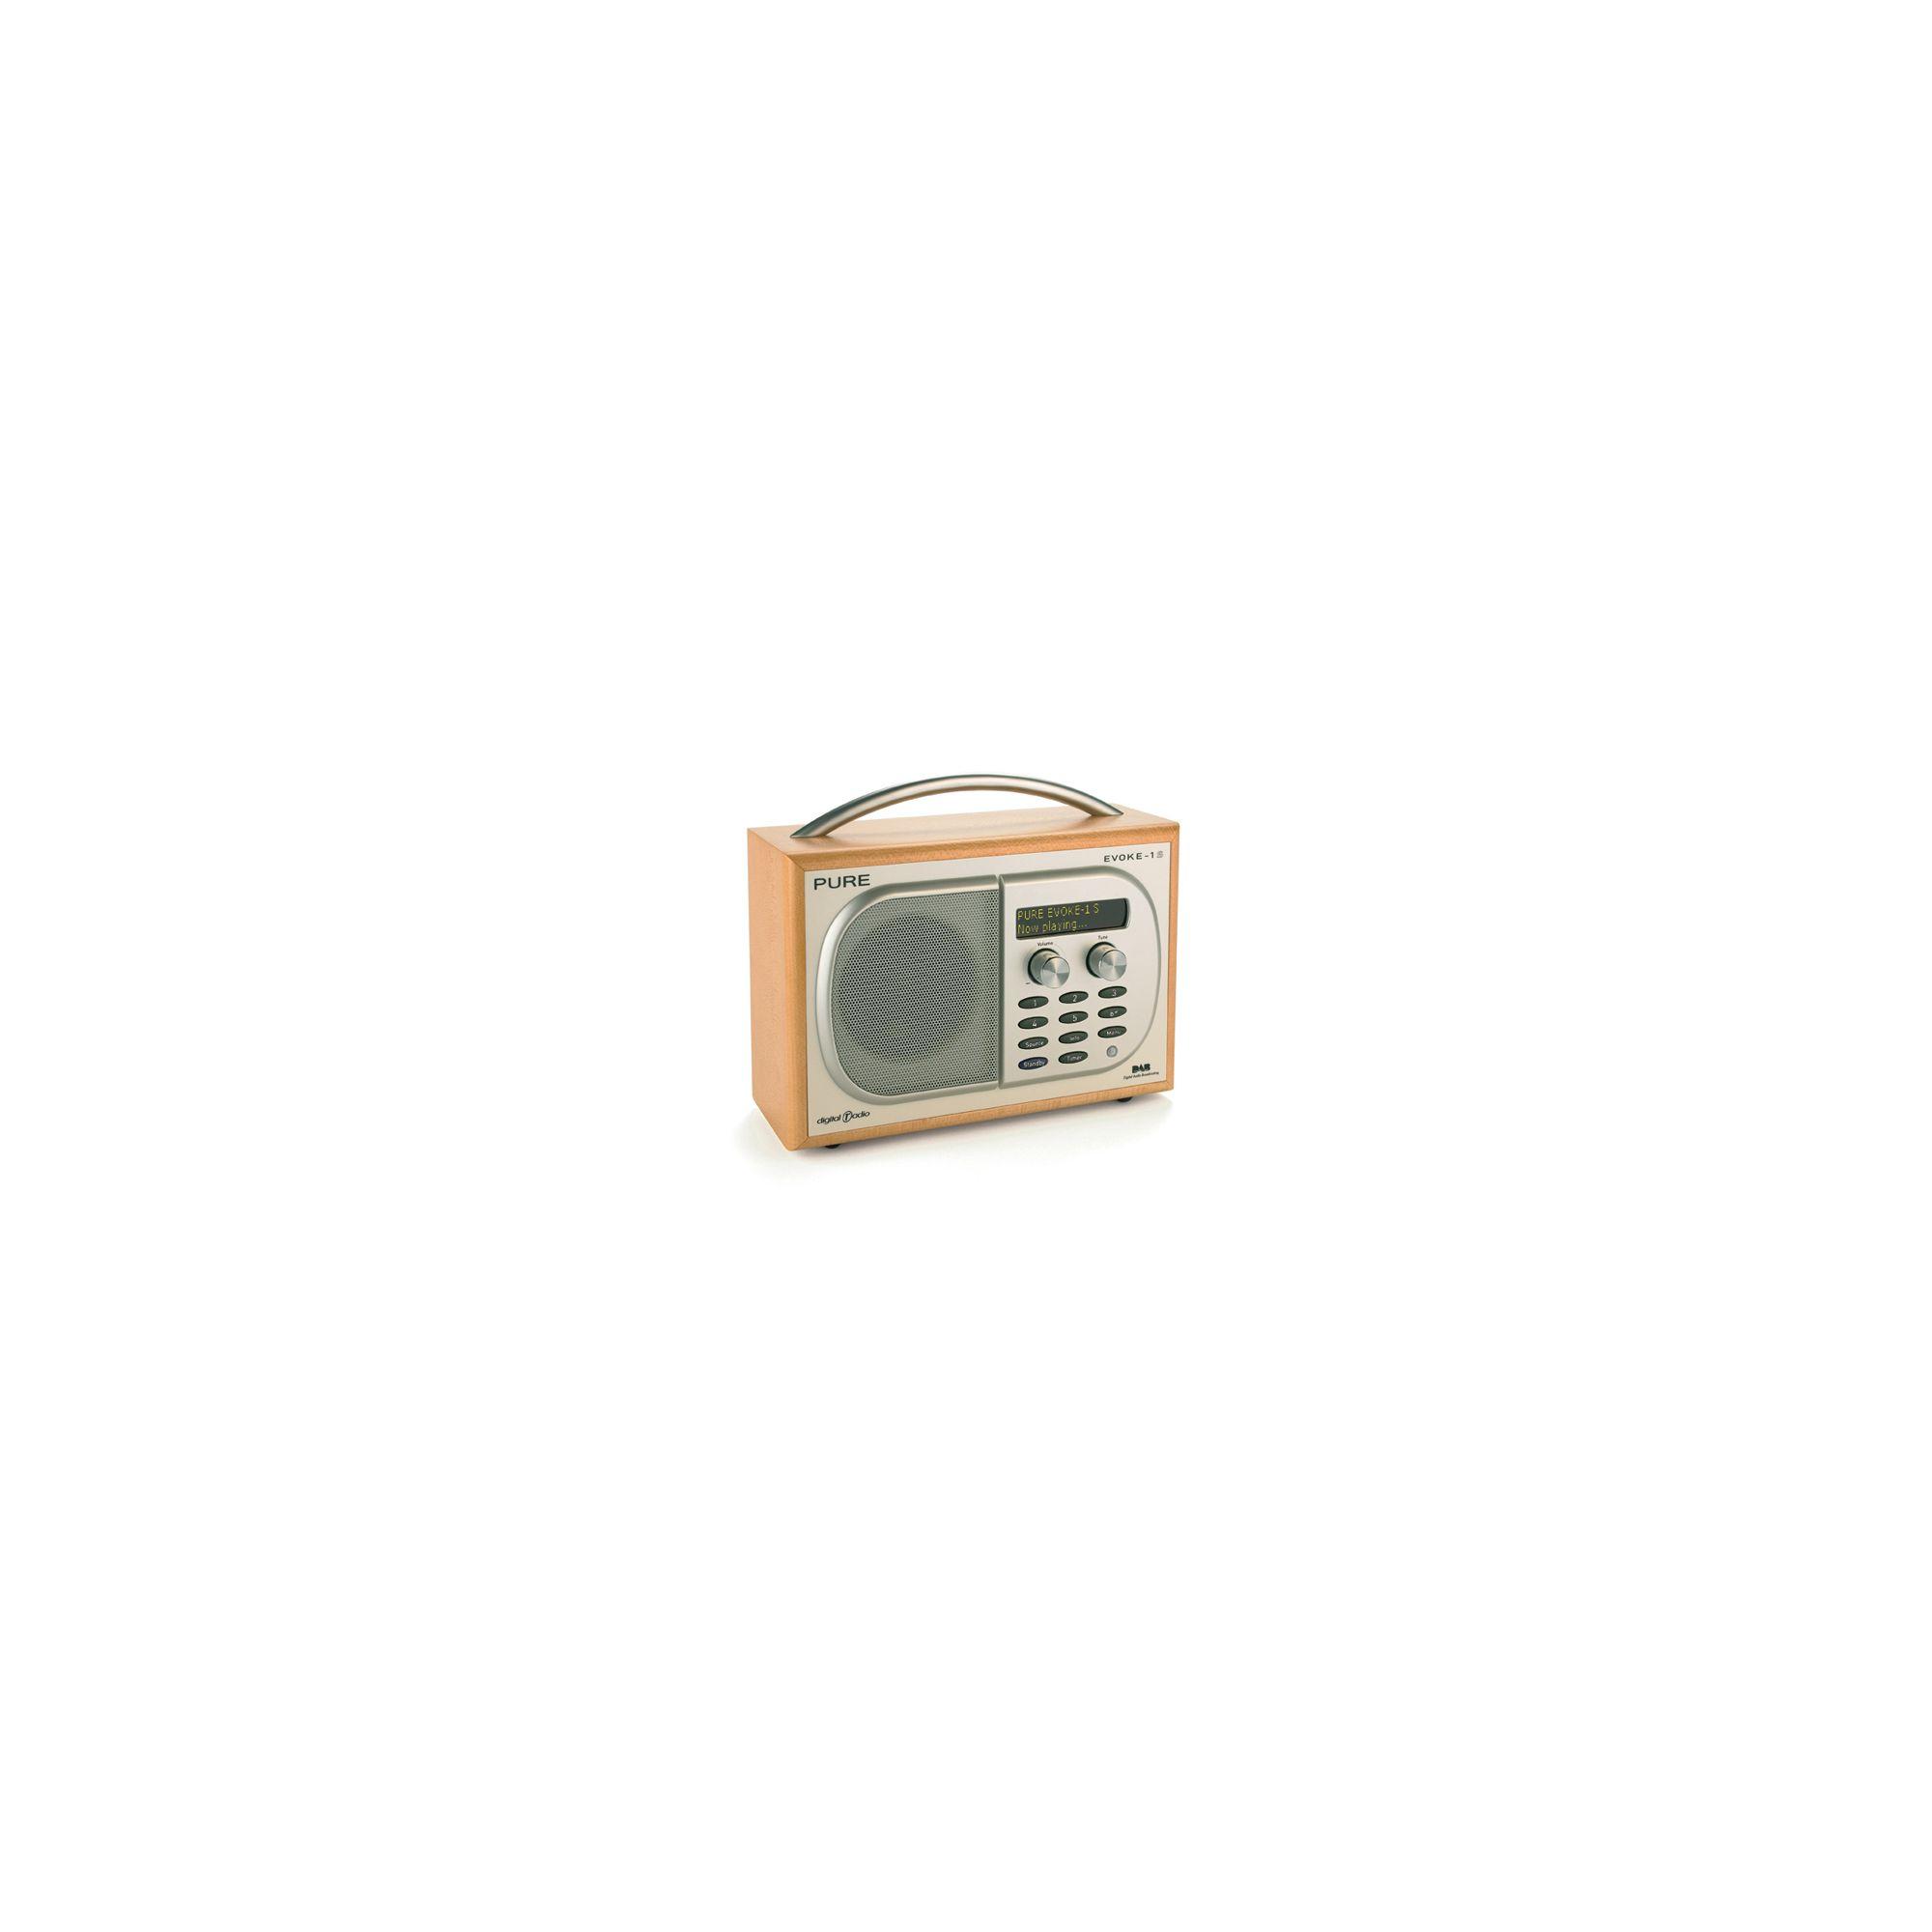 Pure Luxury Portable DAB Digital Radio - Maple